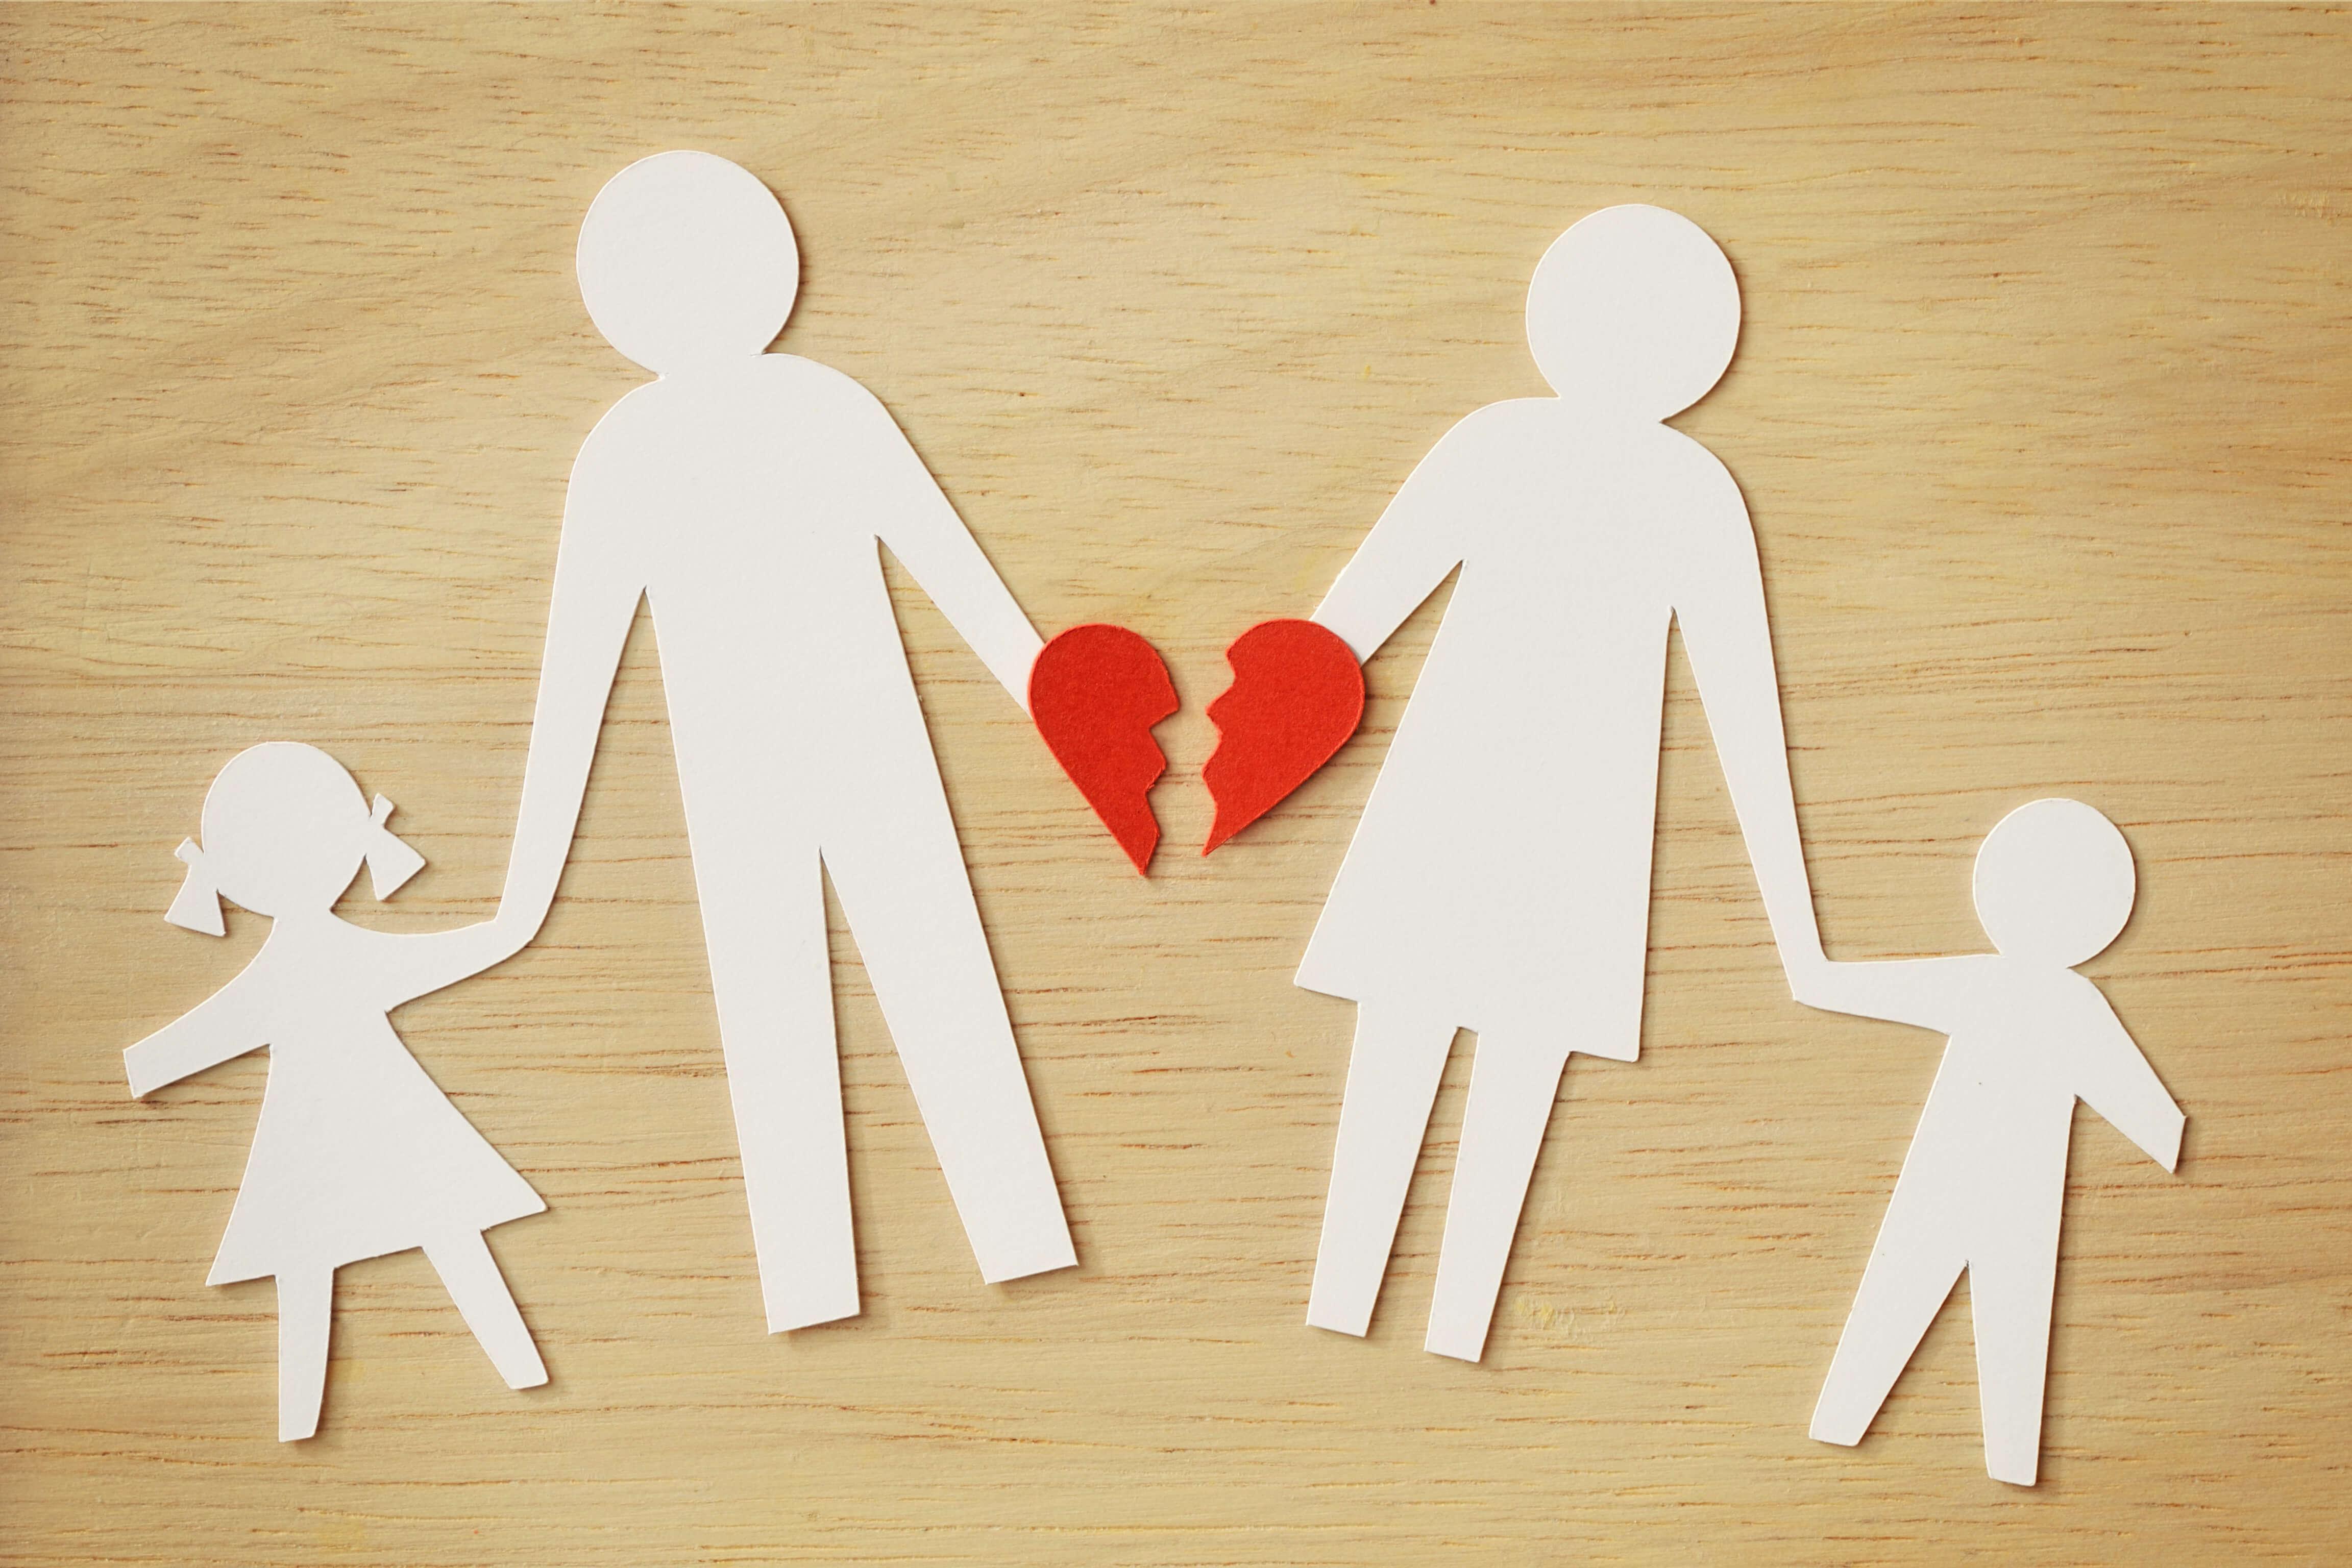 Broken family paper cut figures